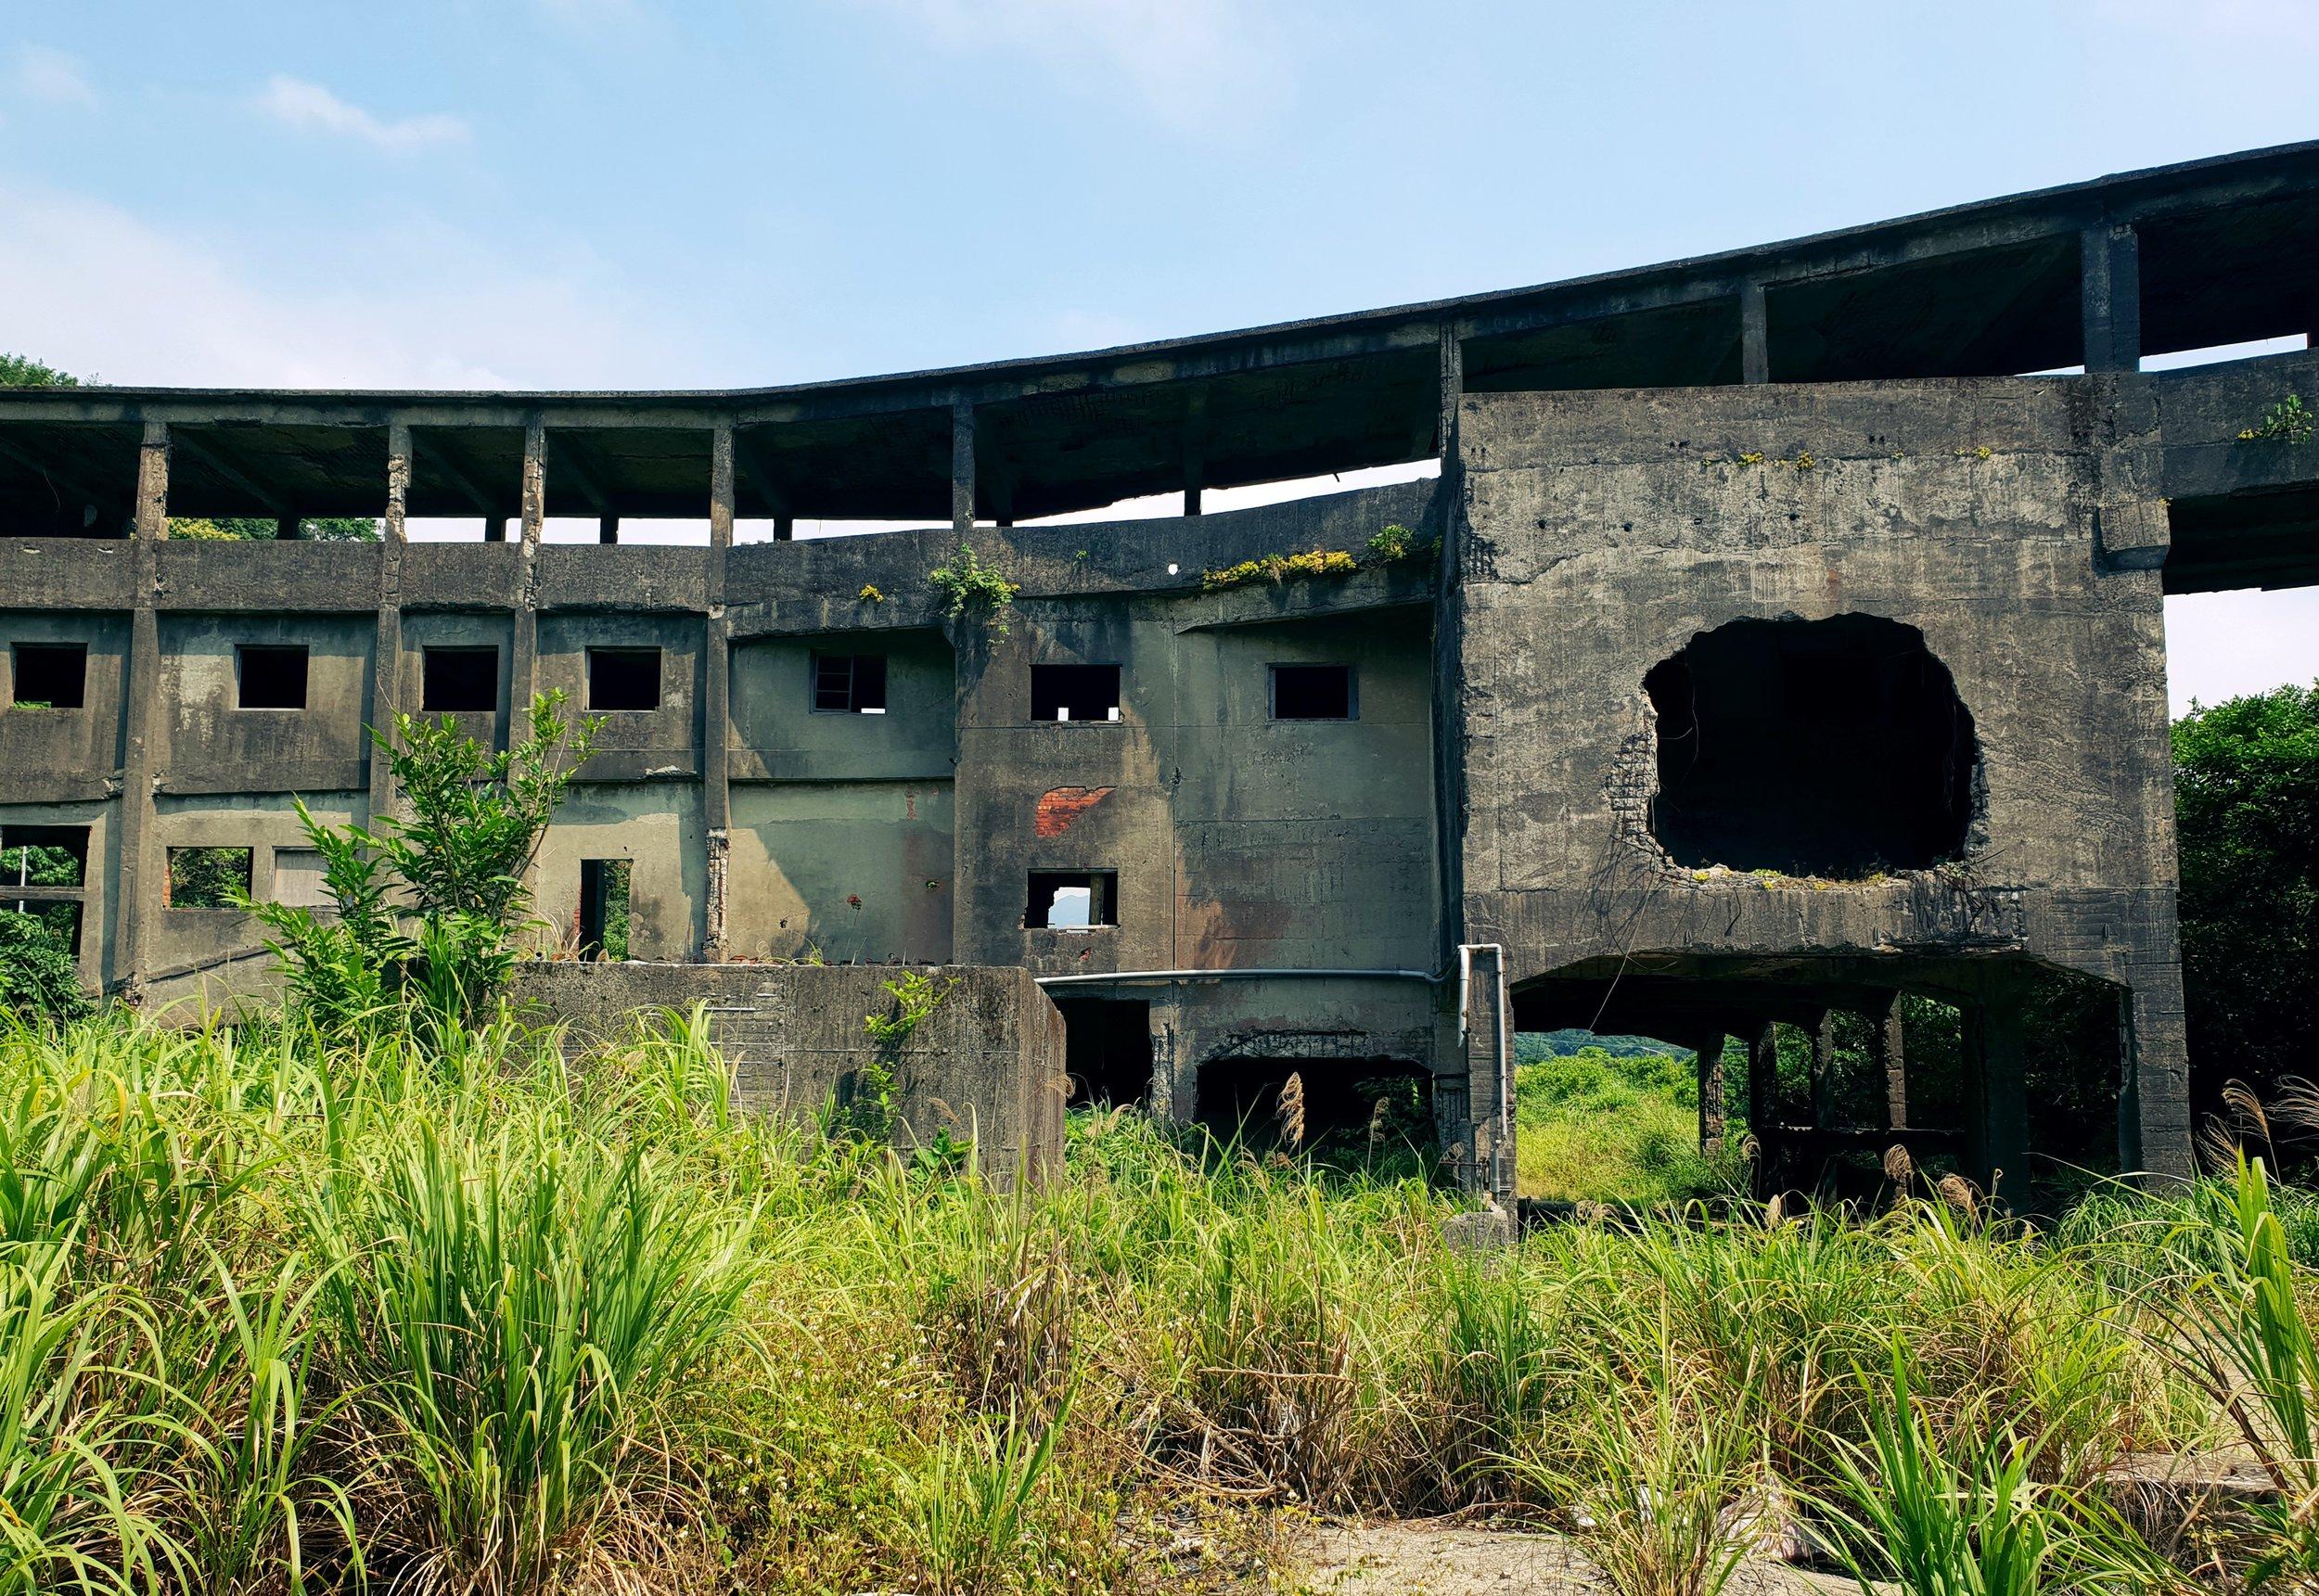 Jianji Coal Mine